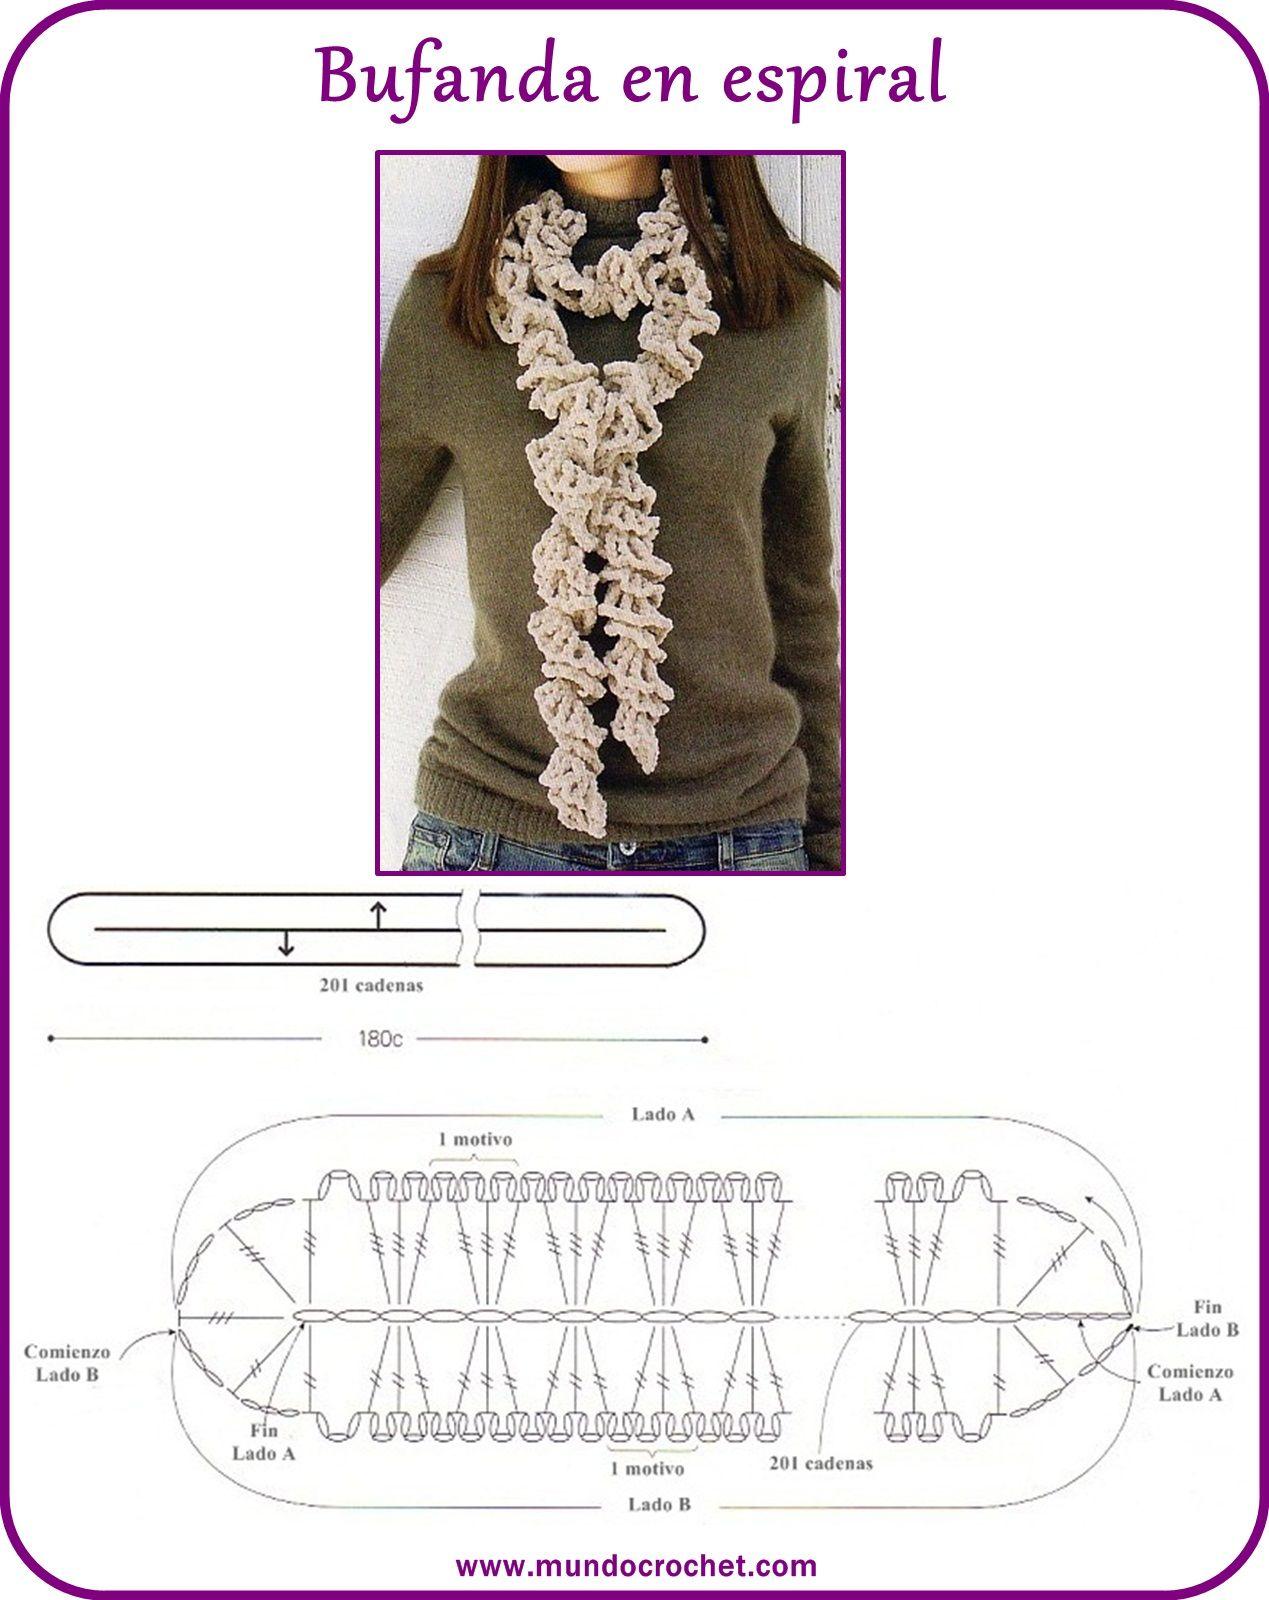 Maquina de coser buscar: Patrones bufandas | cro-puntadas | Croché ...